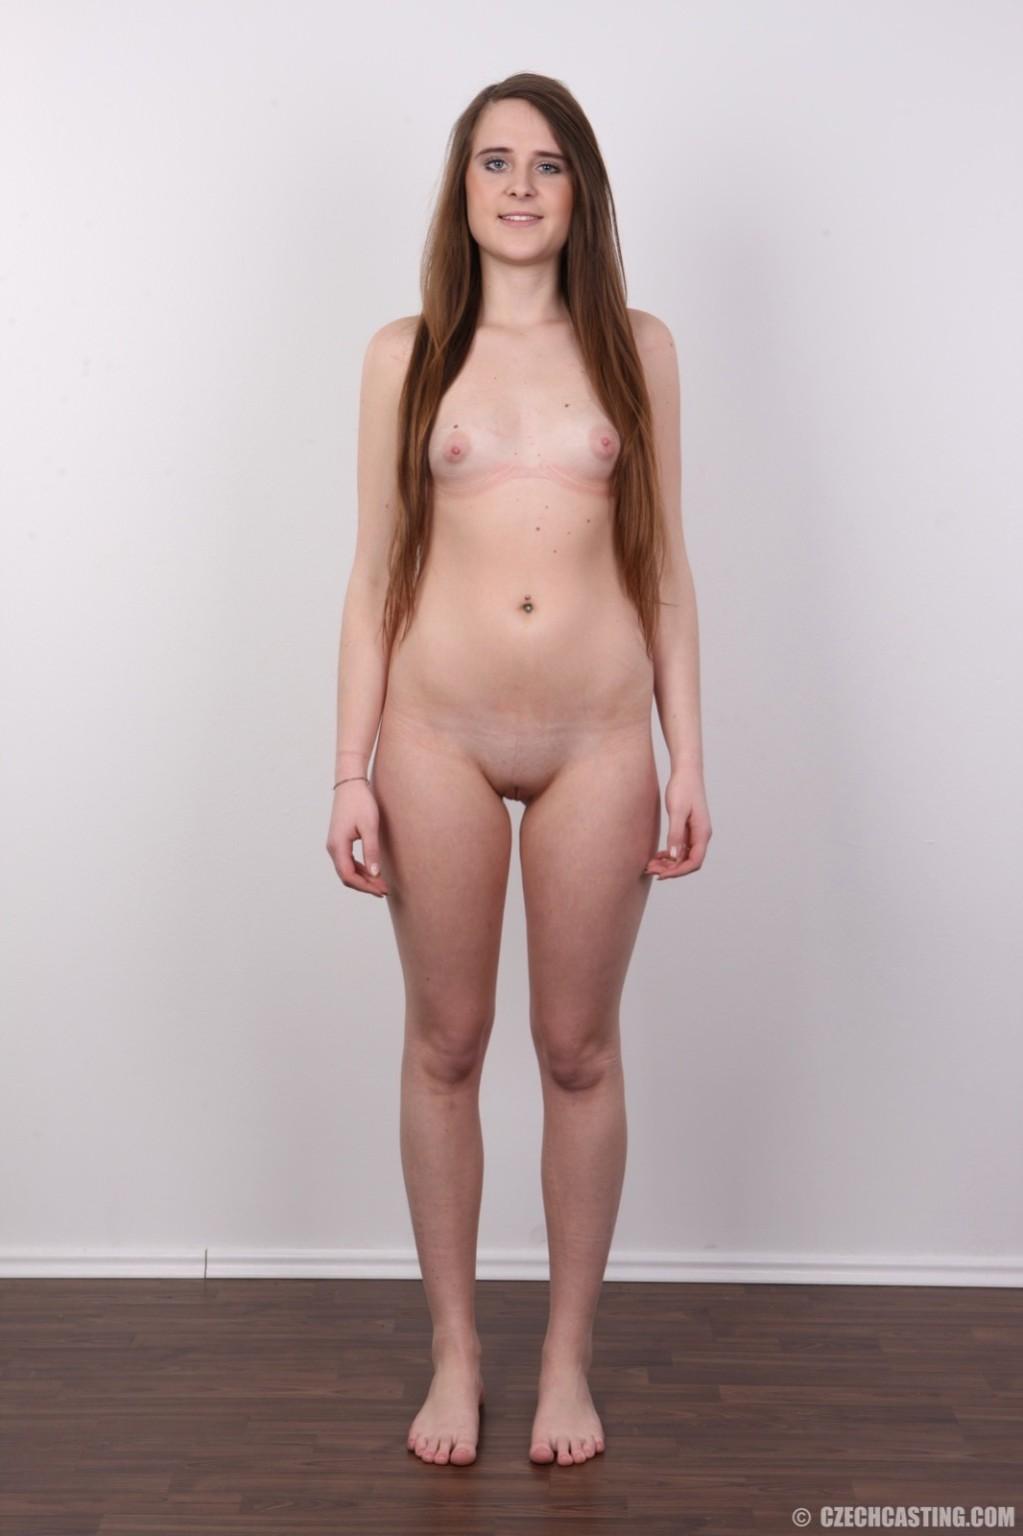 Кастинг - Порно галерея № 3523326